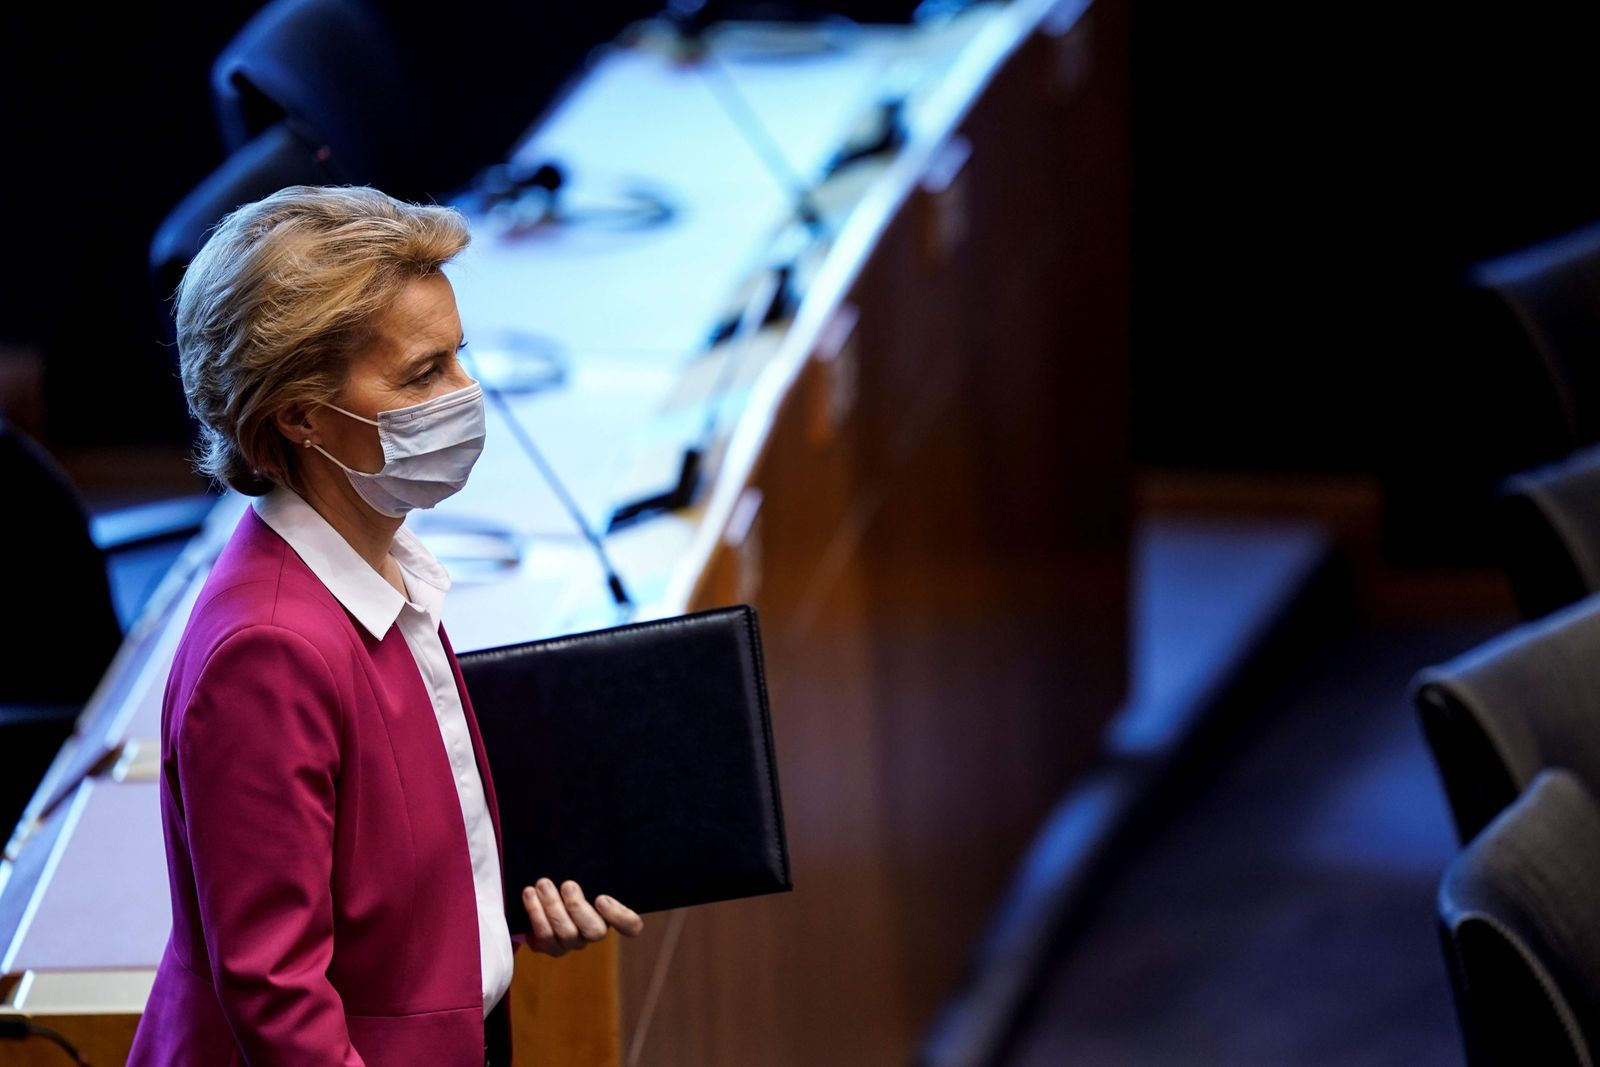 BELGIUM-EU-POLITICS-PARLIAMENT-HEALTH-VIRUS